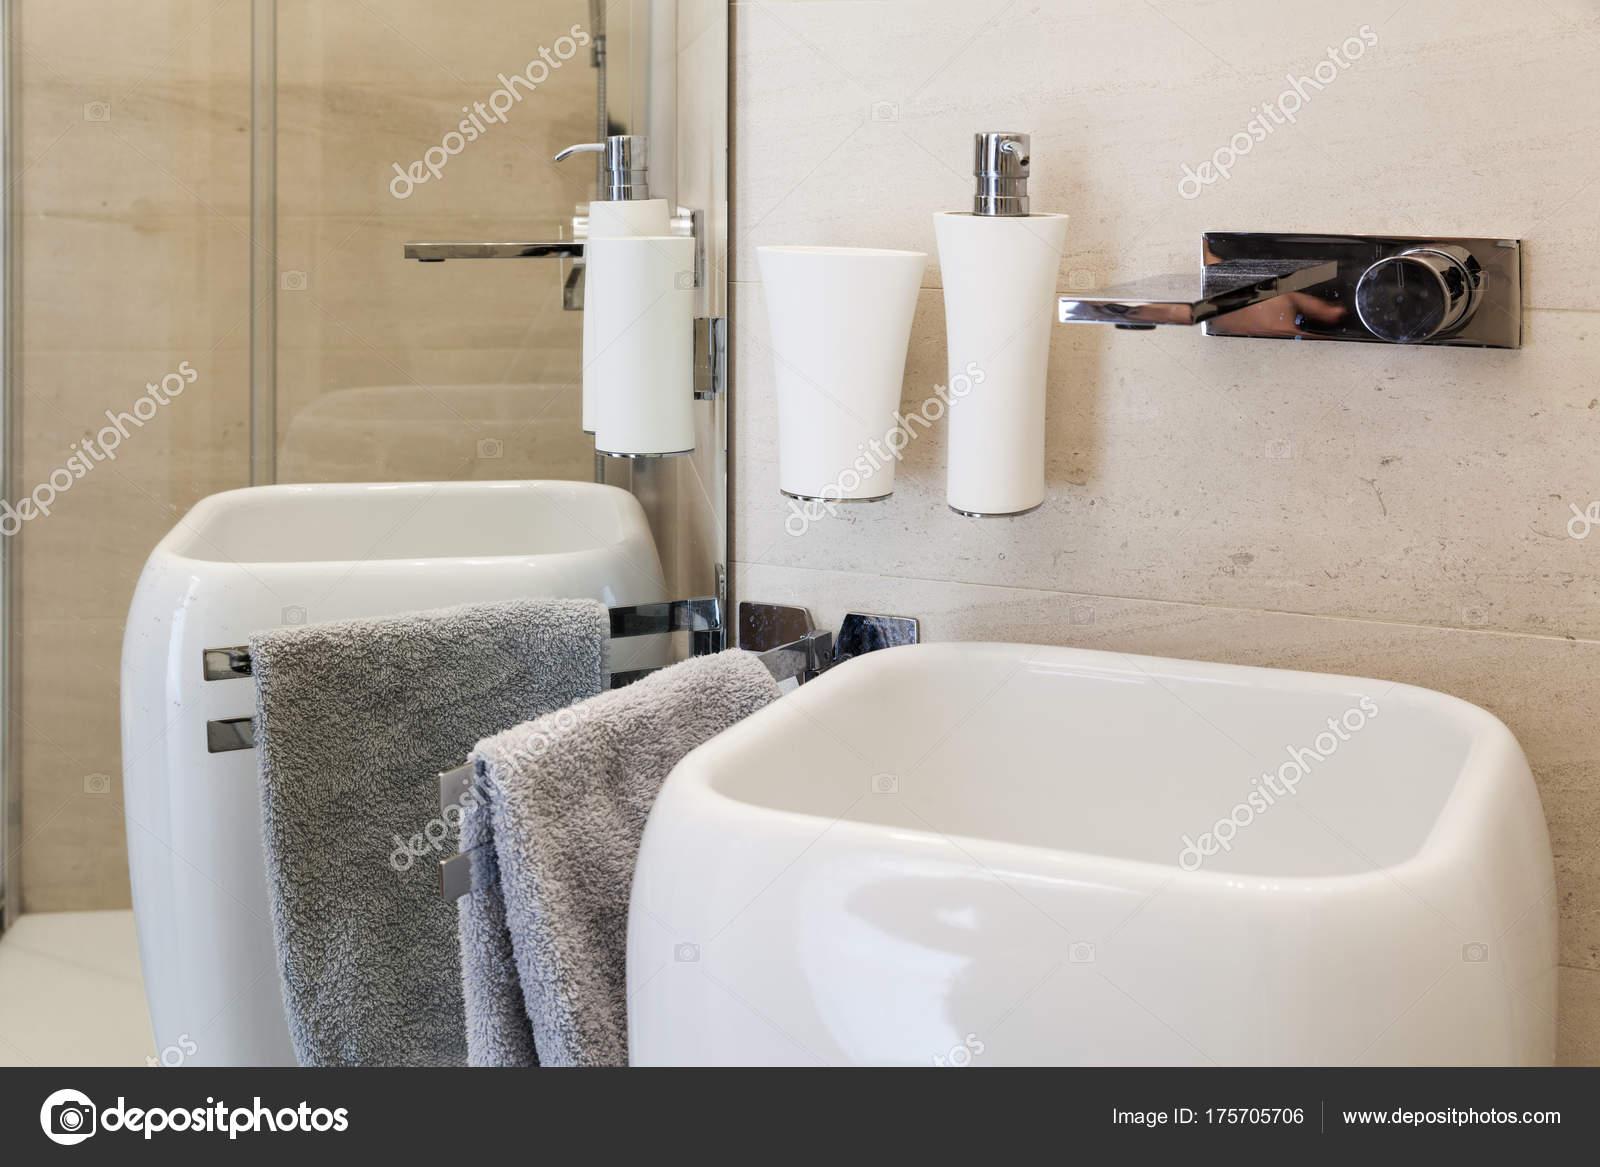 Schön Bad Waschbecken Ideen Von Bad, Aus Keramik — Stockfoto